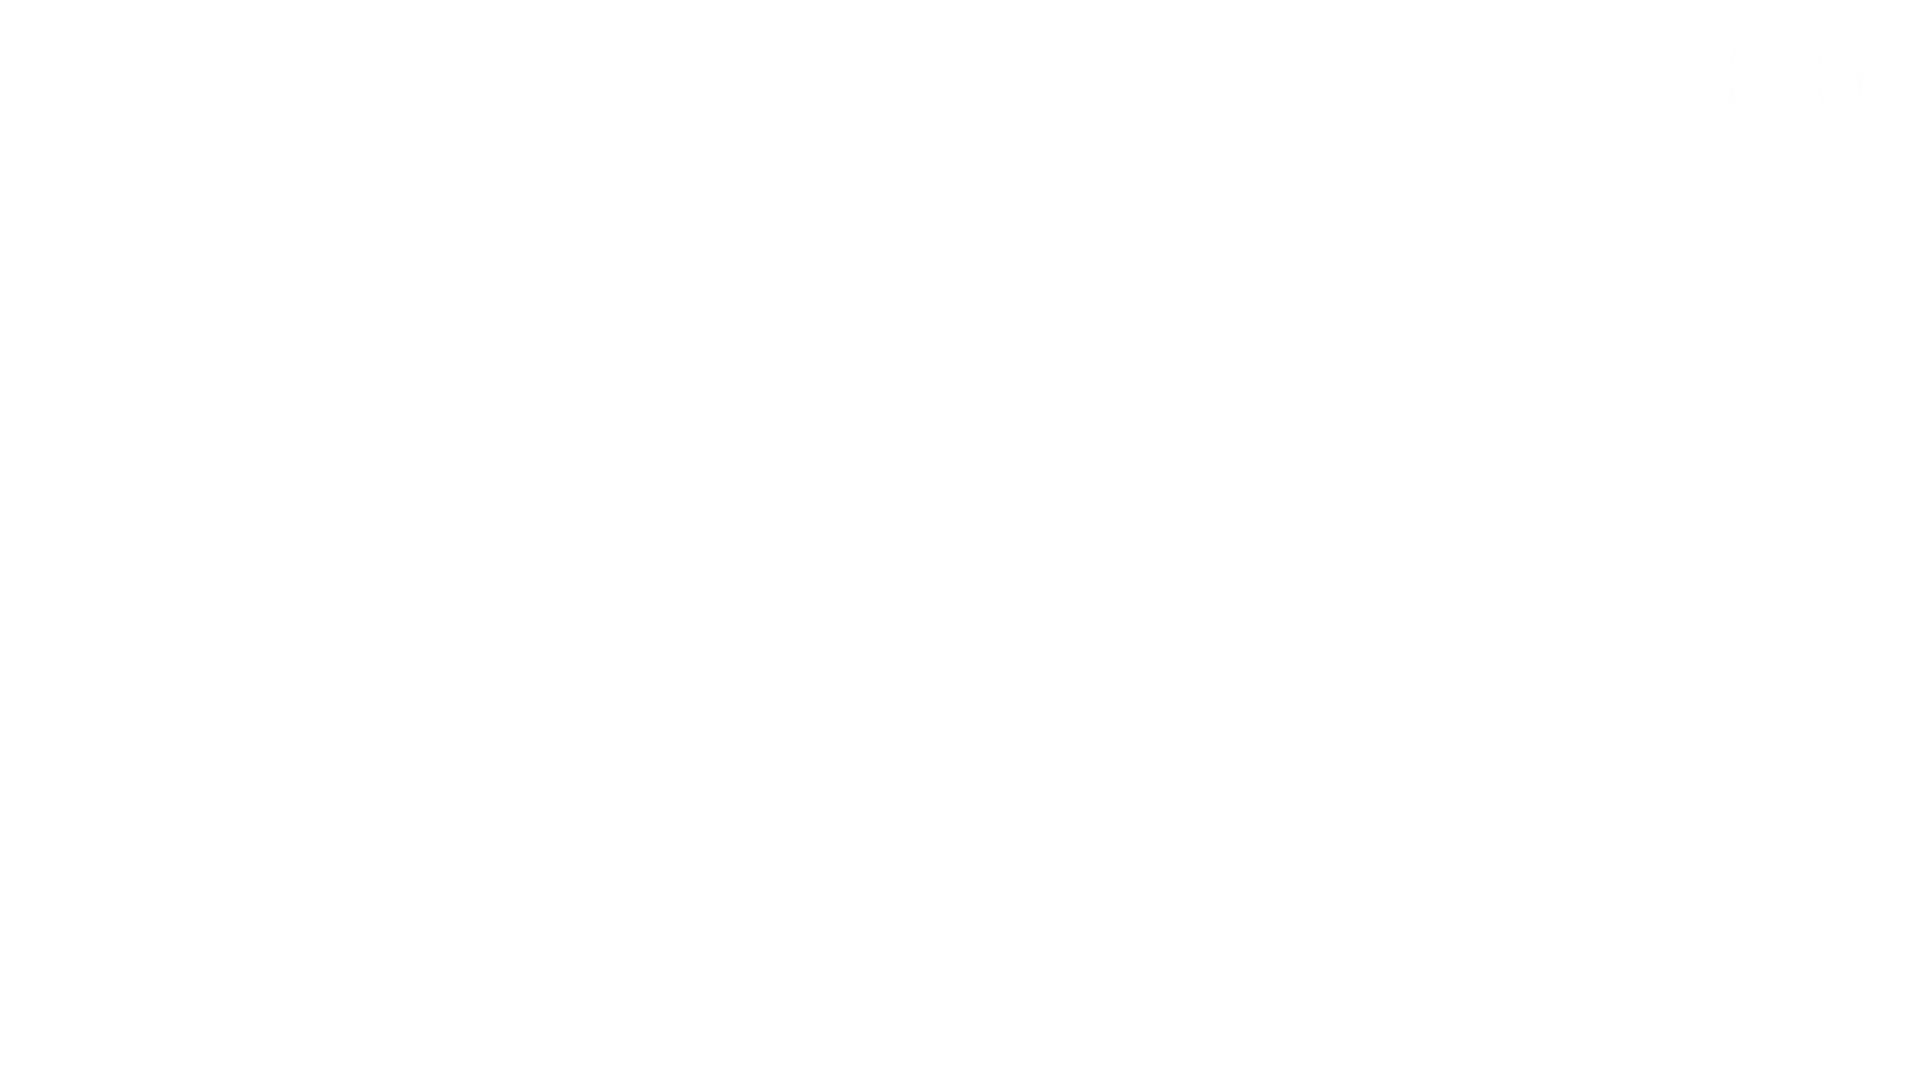 至高下半身盗撮-PREMIUM-【院内病棟編 】 vol.01 盗撮  73枚 43